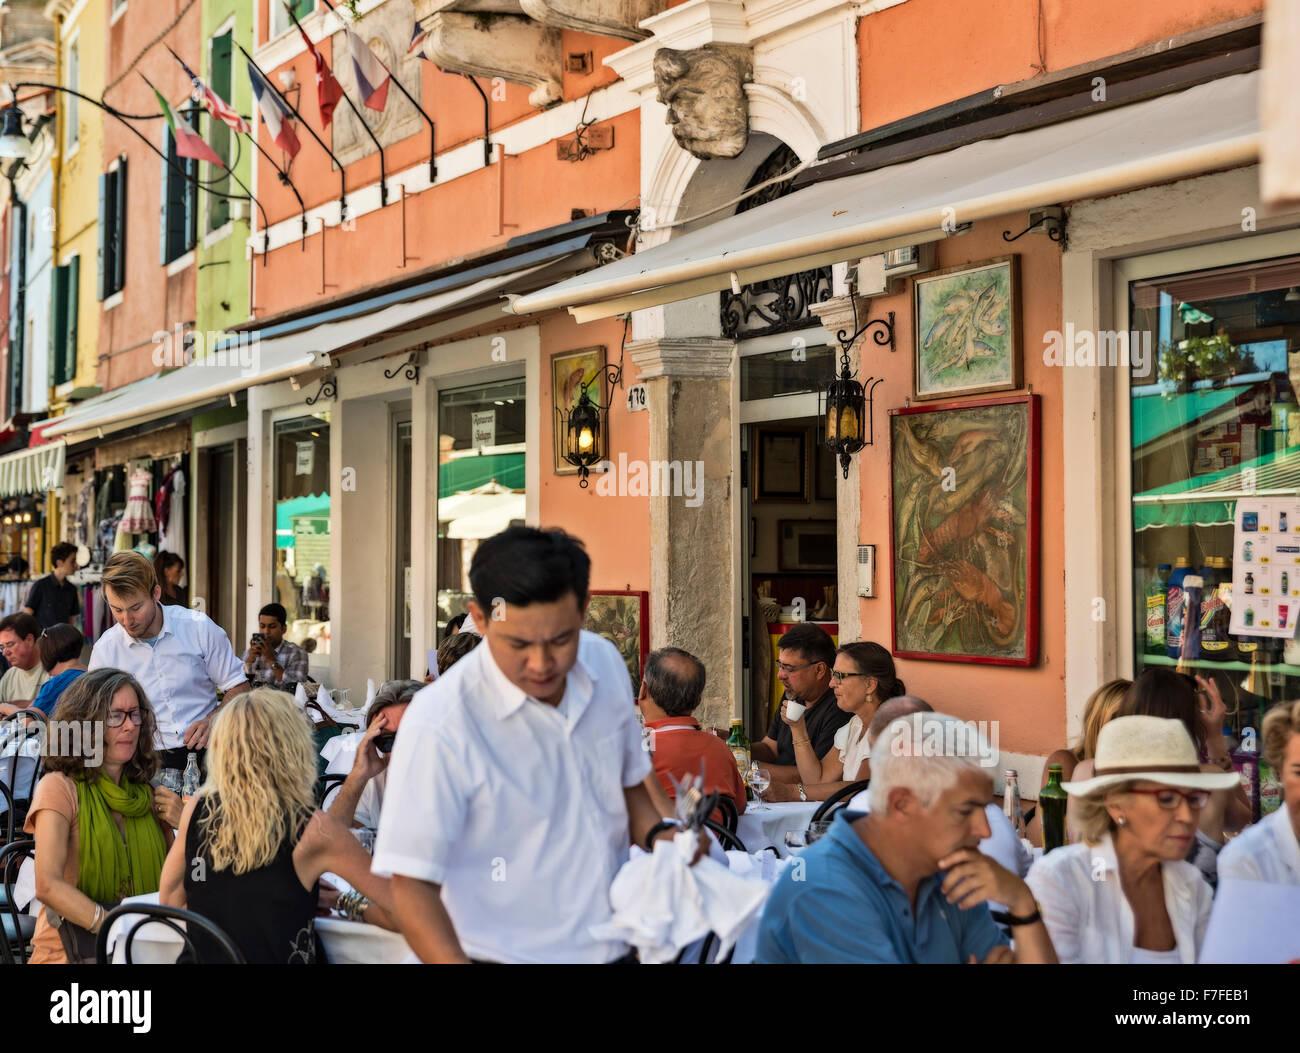 Patroni in corrispondenza di un outdoor cafe ristorante, Burano Venezia Italia Immagini Stock